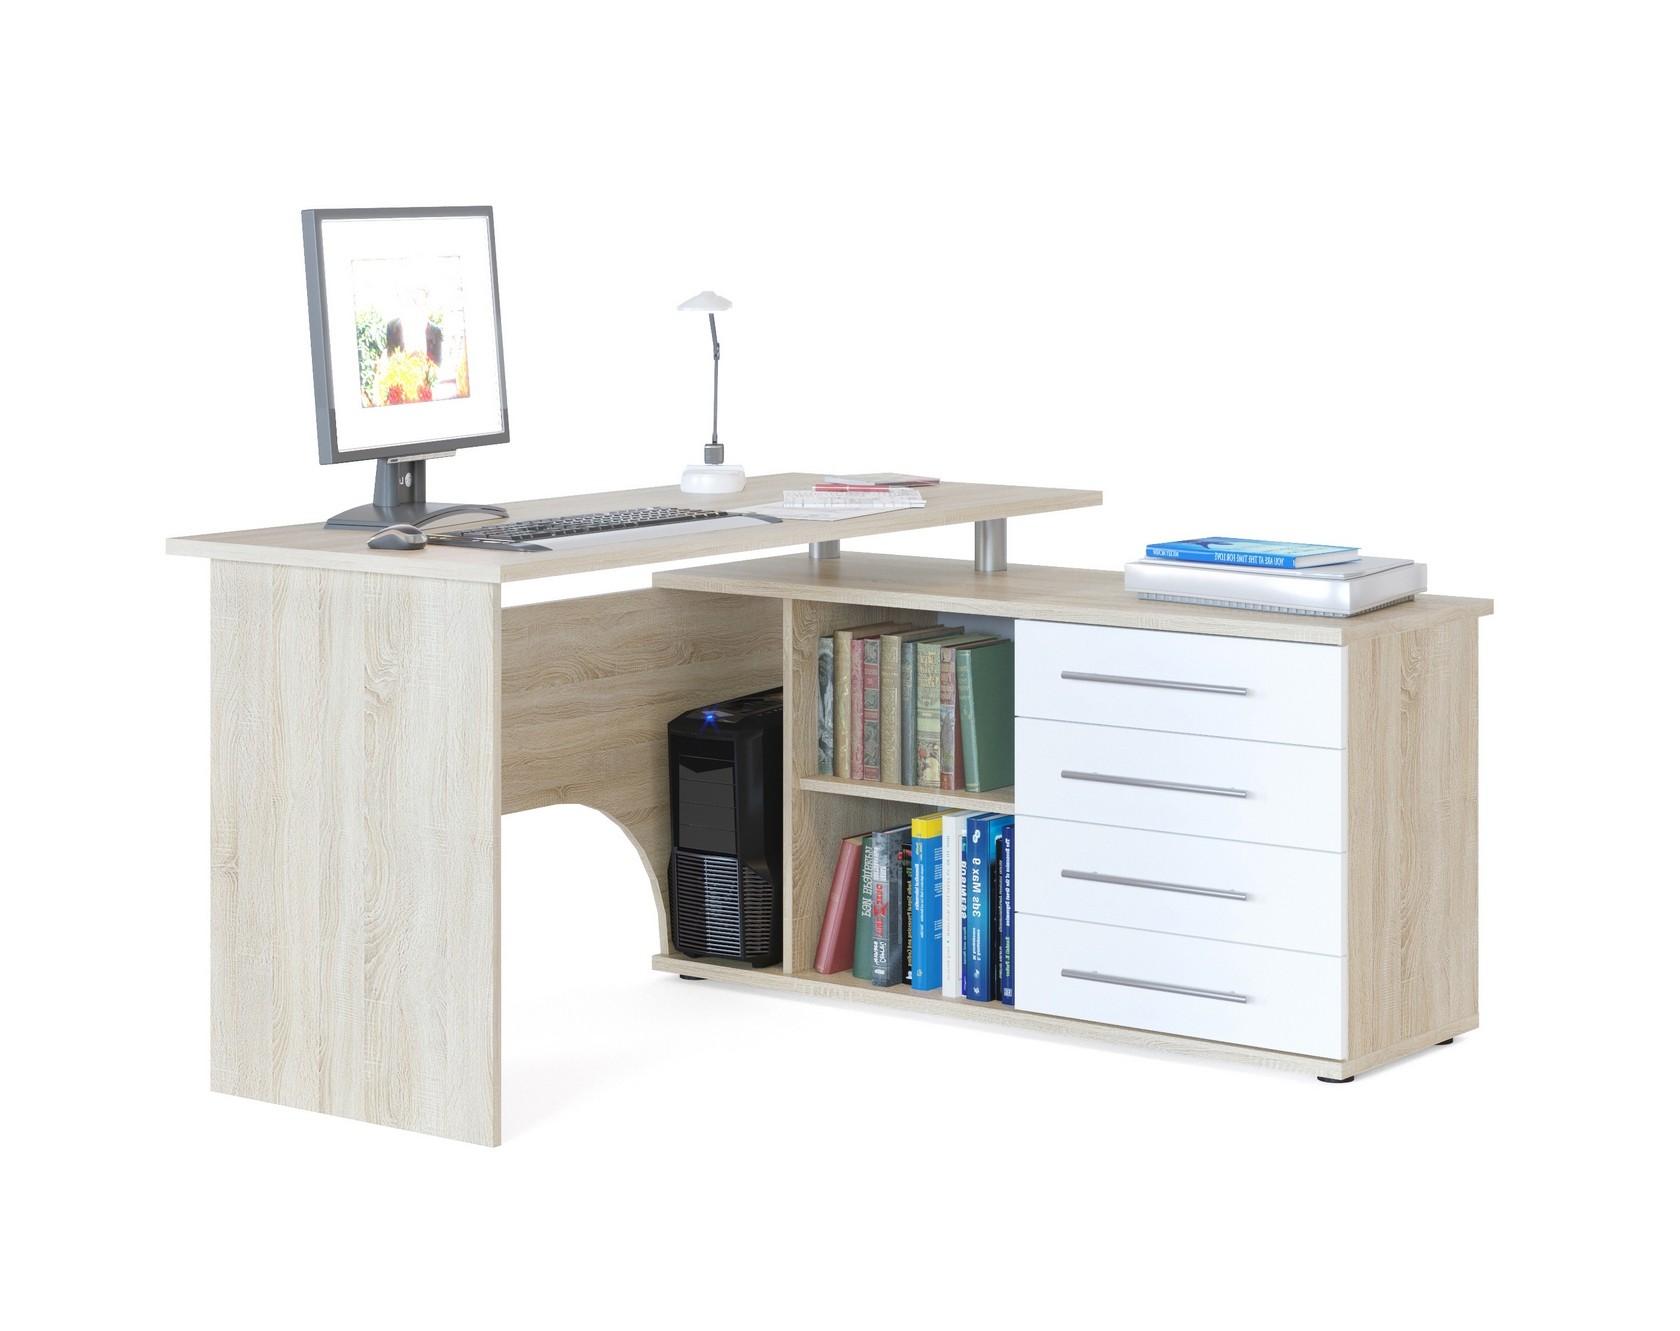 Компьютерный стол кст-109п с тумбой белый - купить в интерне.